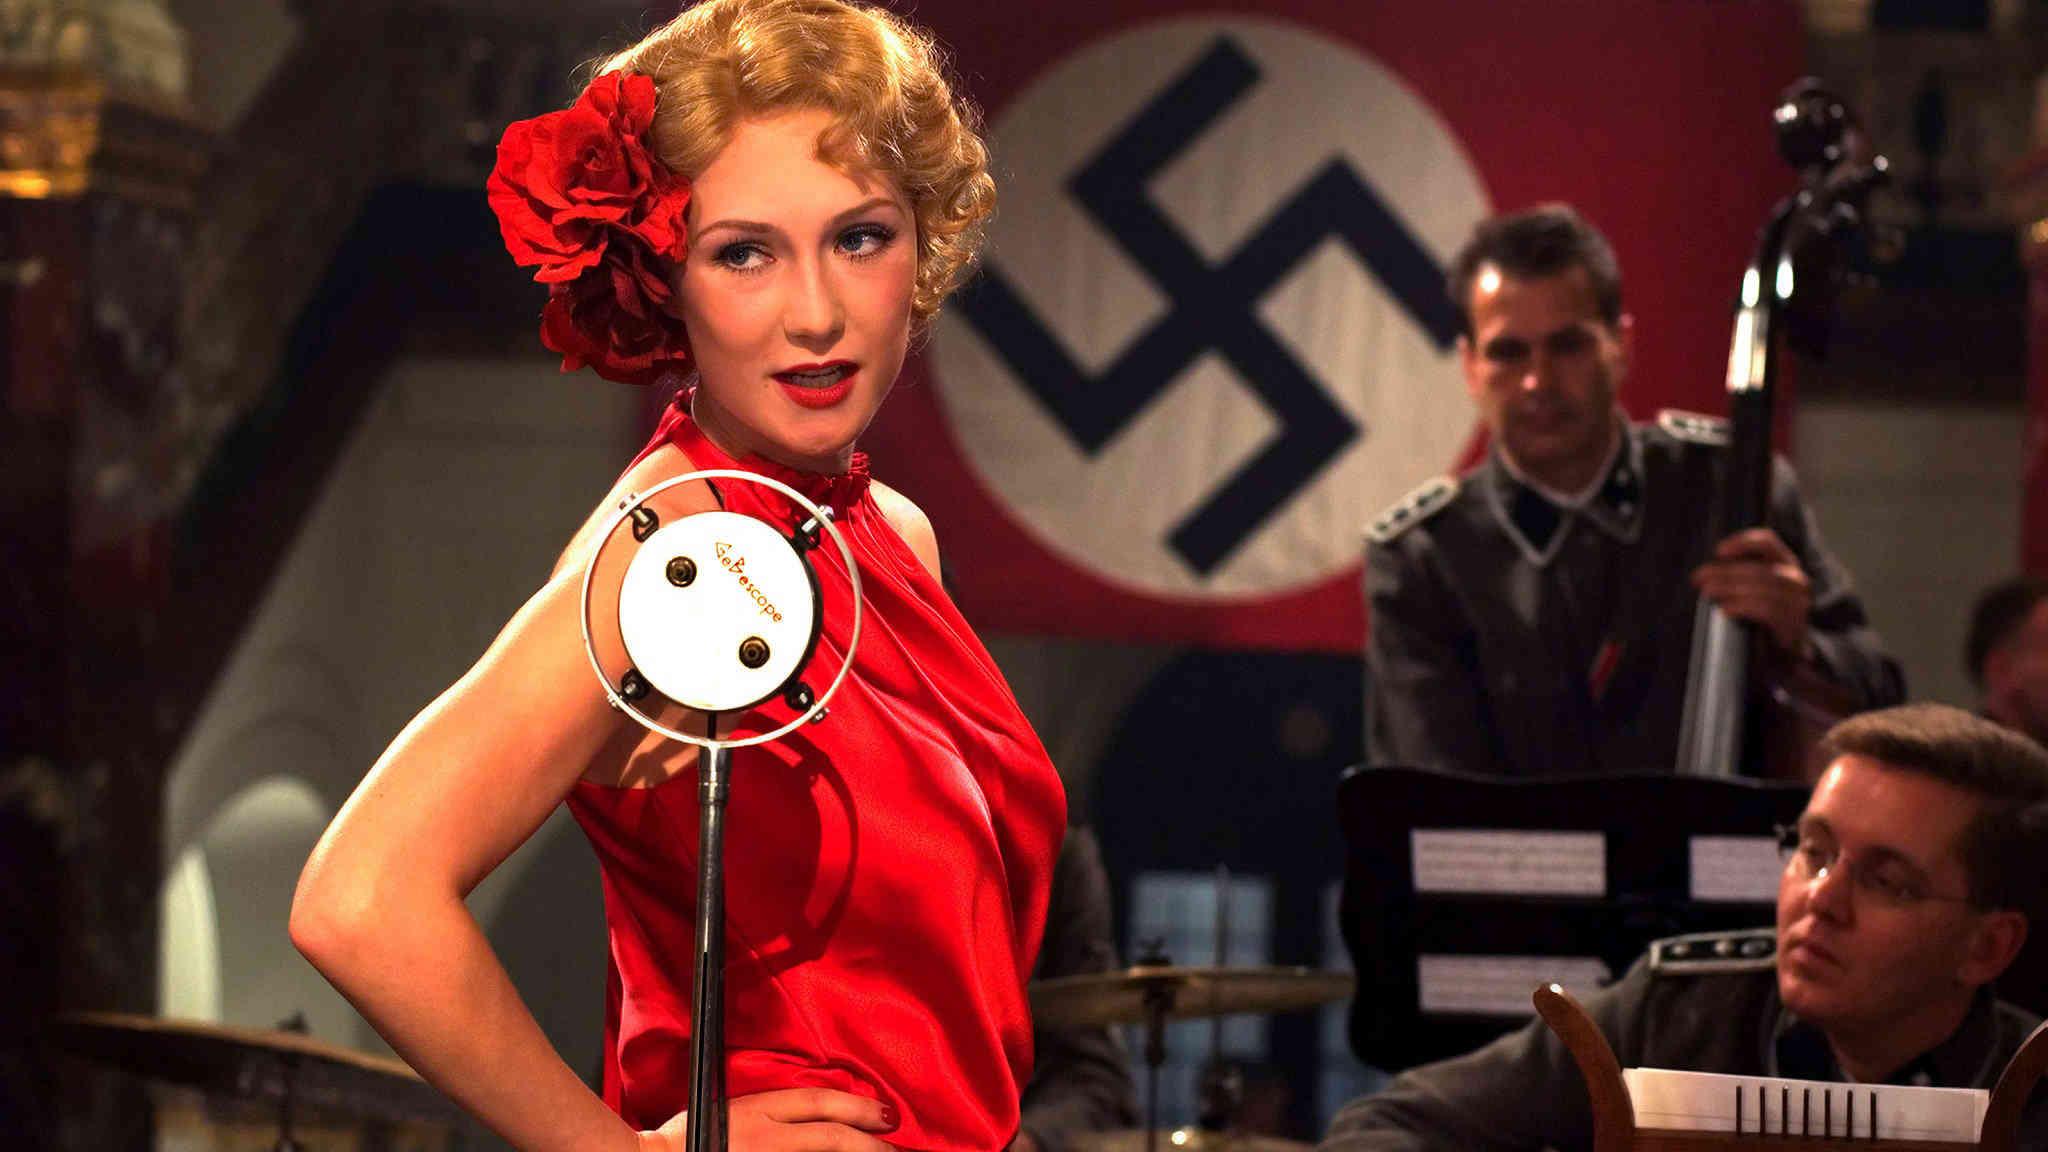 'El libro negro', una película de espionaje ambientada en la segunda contienda mundial